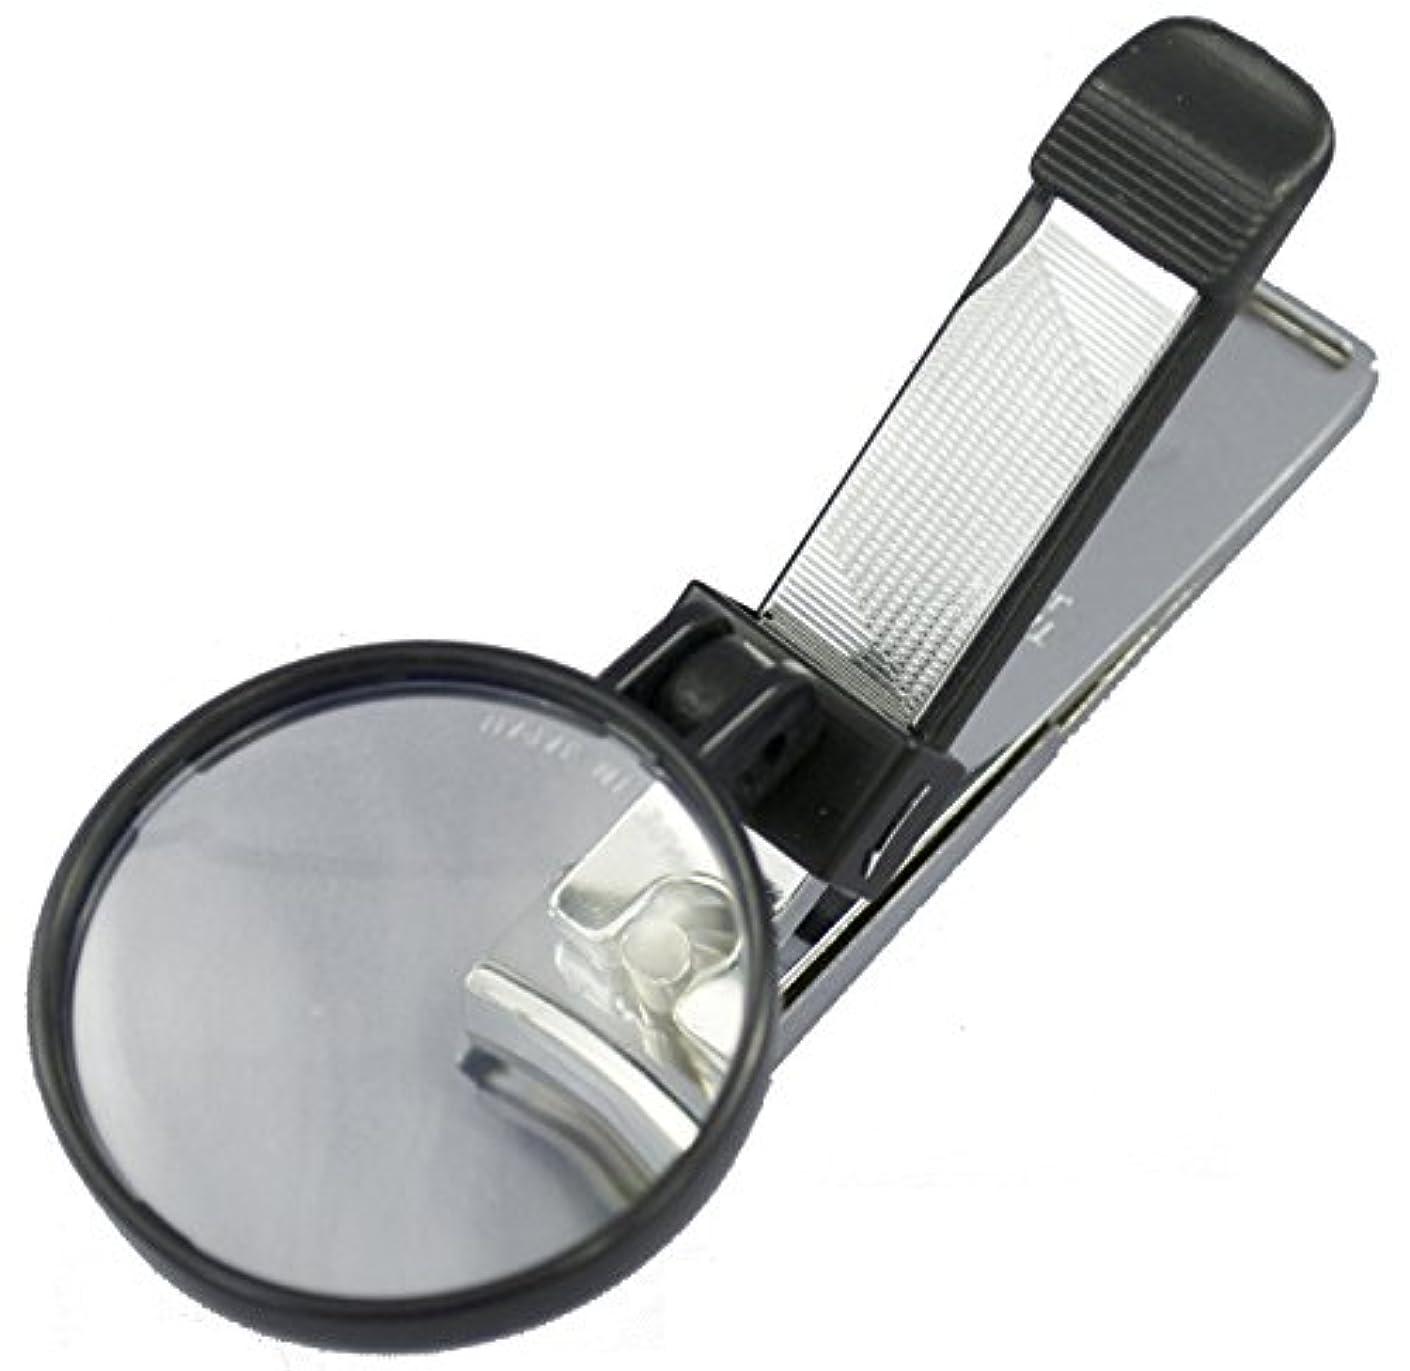 拡声器否定する根絶する日本製 拡大レンズ付 爪切り 足爪くん mir 1500L